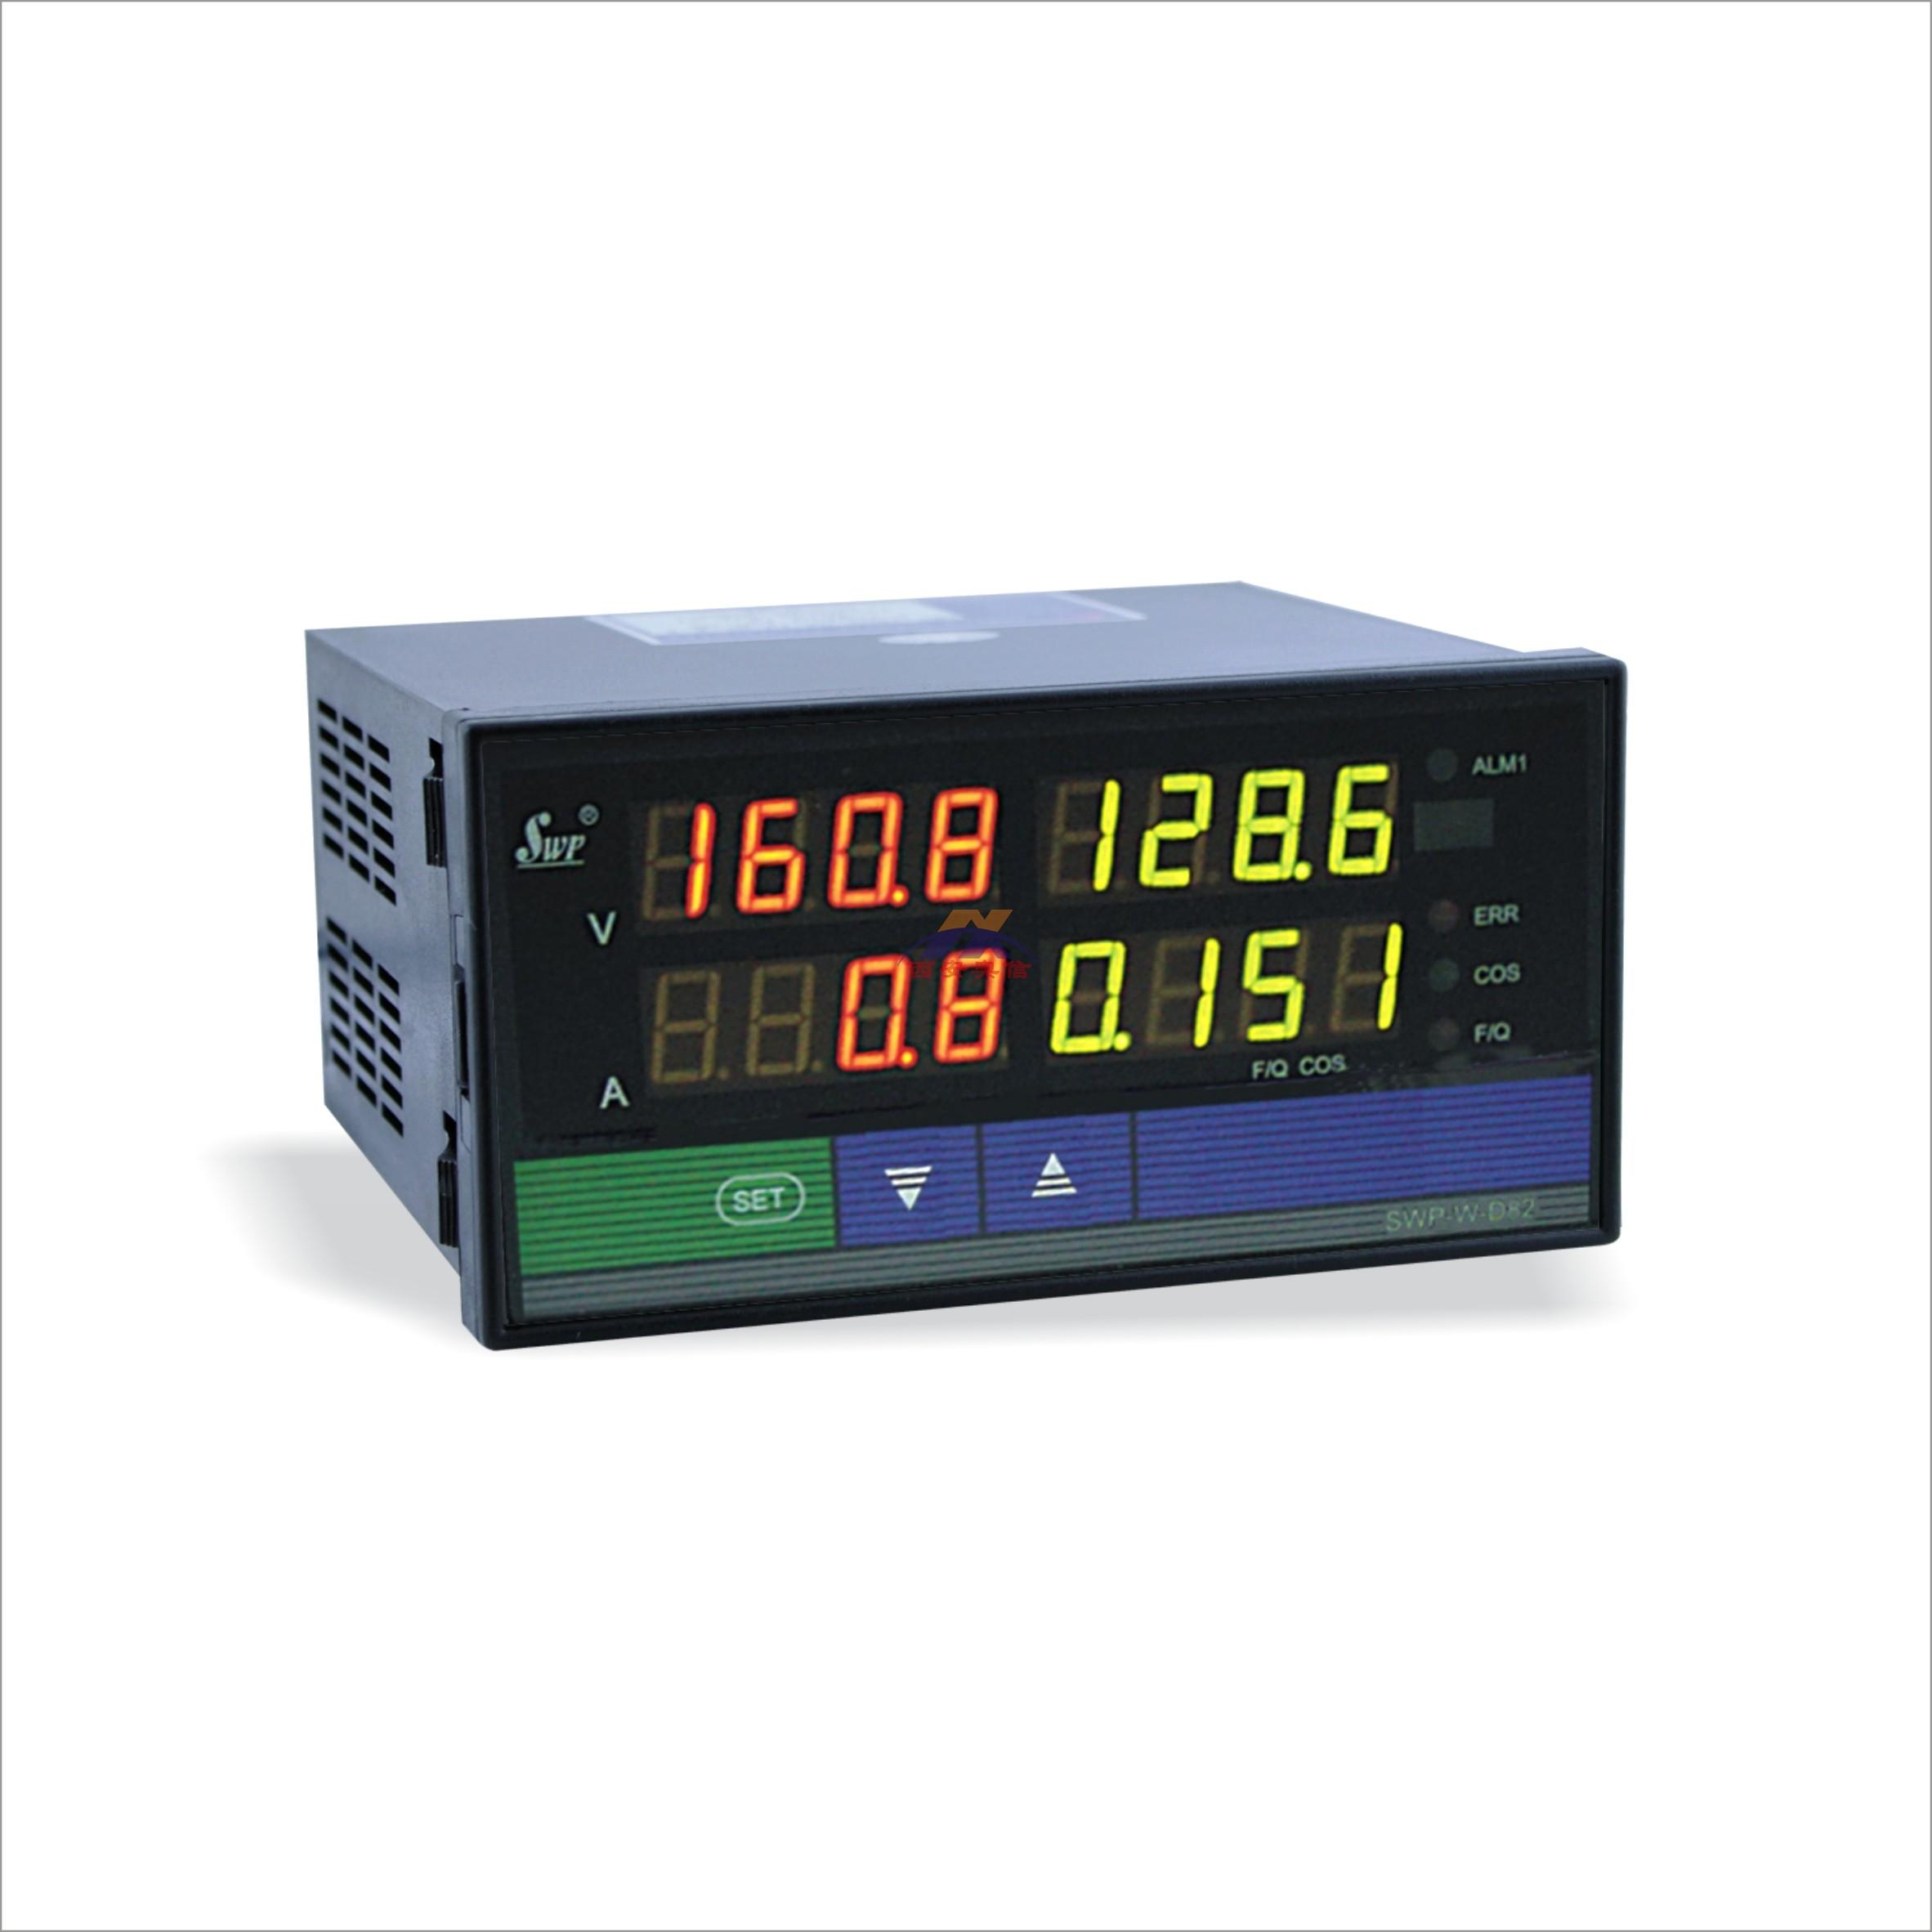 昌晖智能电量表 电力表常用型号清单